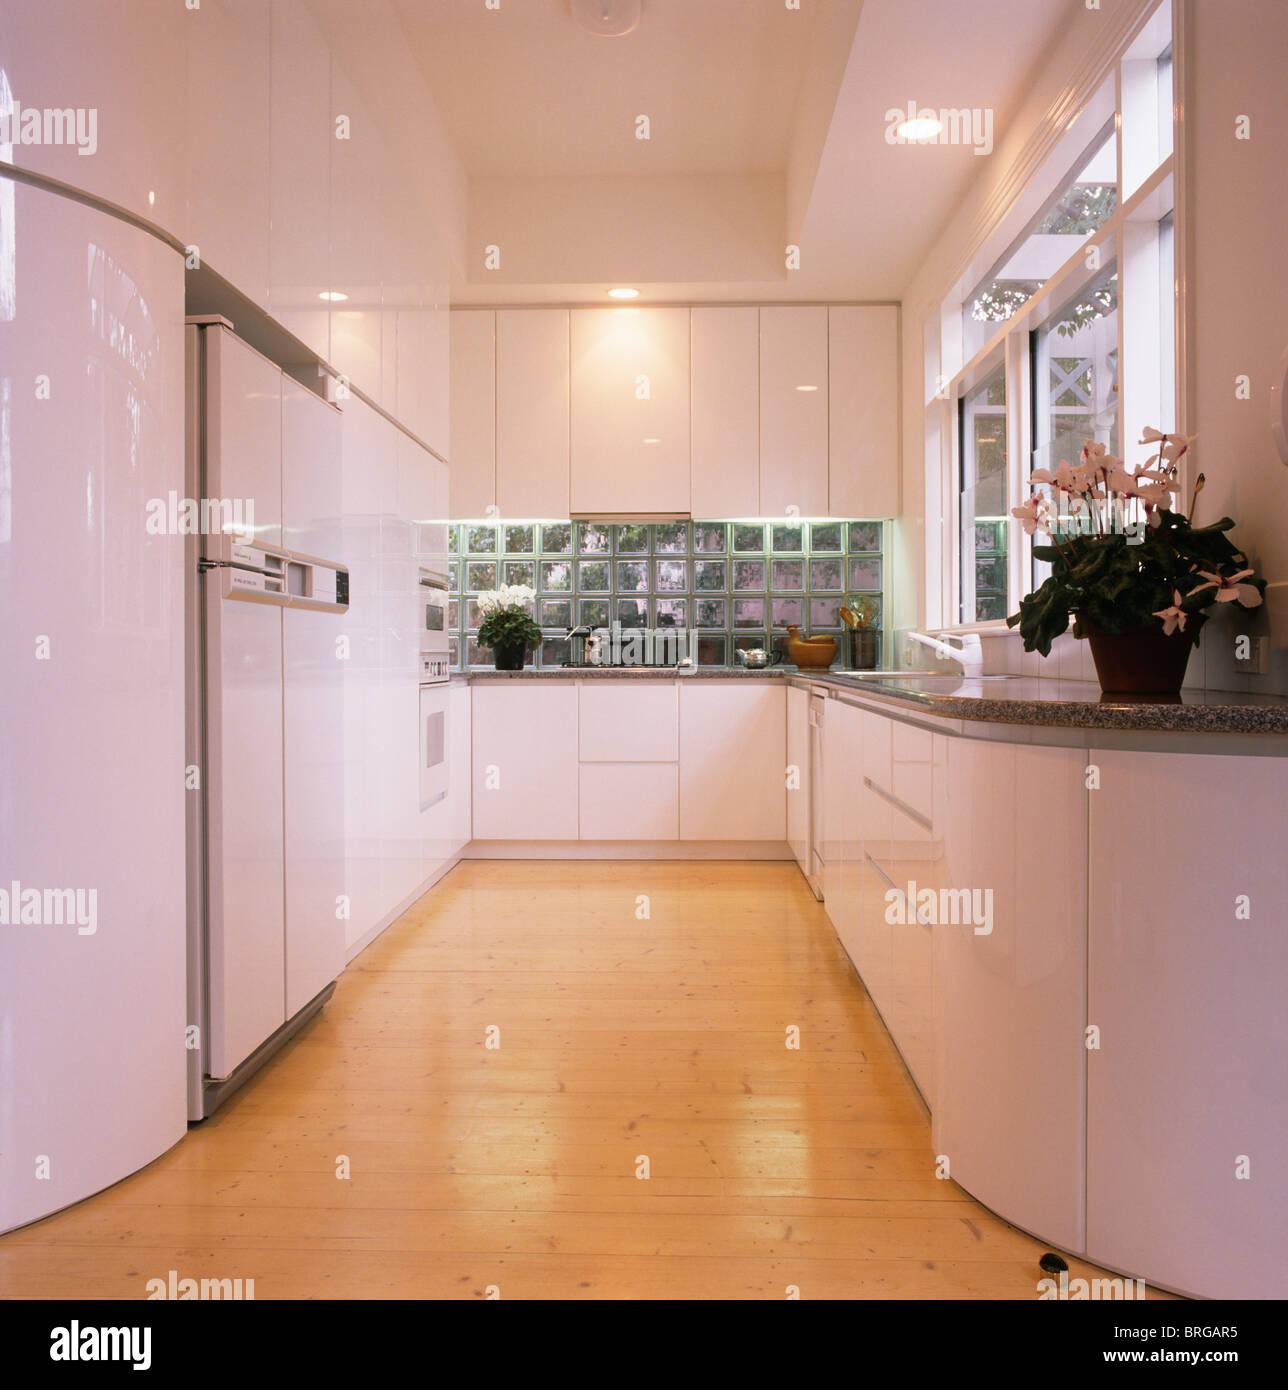 Pretty Einbauleuchten Küche Images Gallery